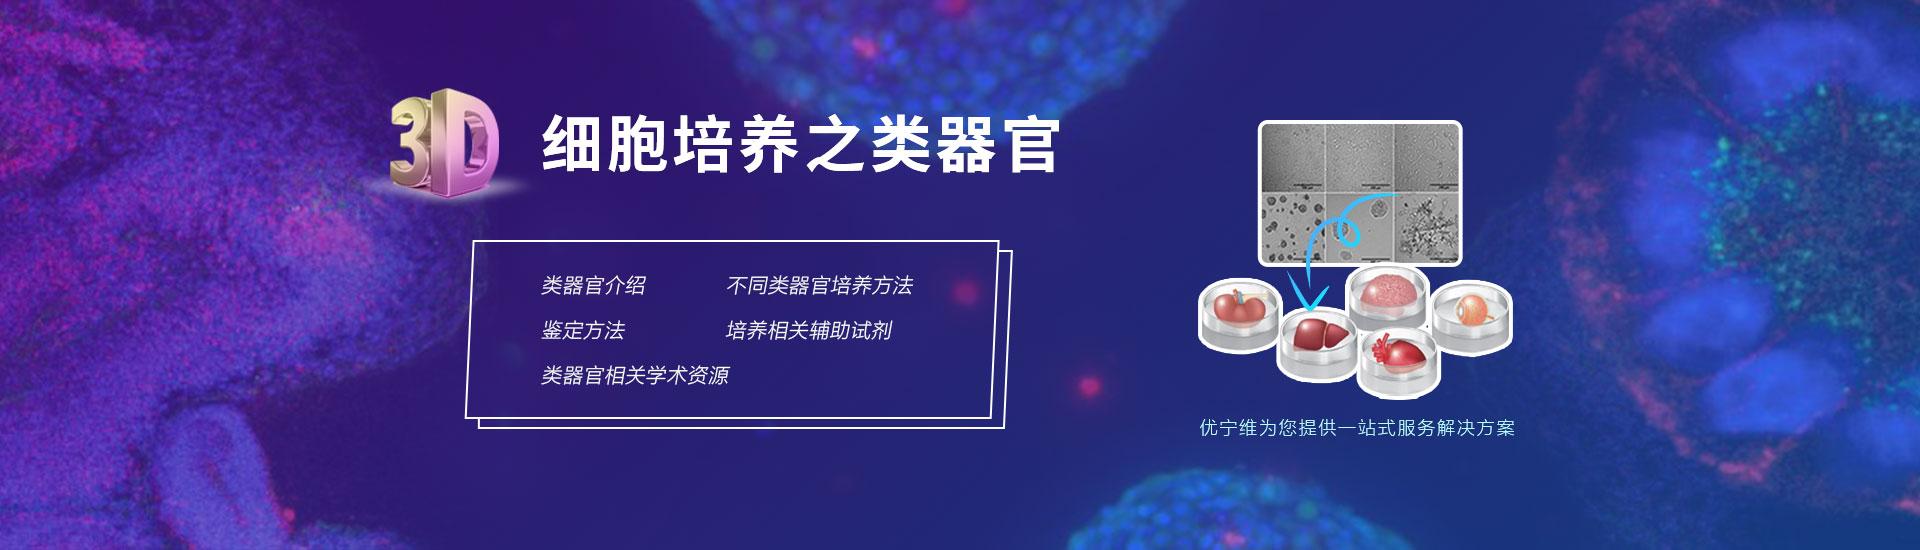 3D细胞培养之类器官